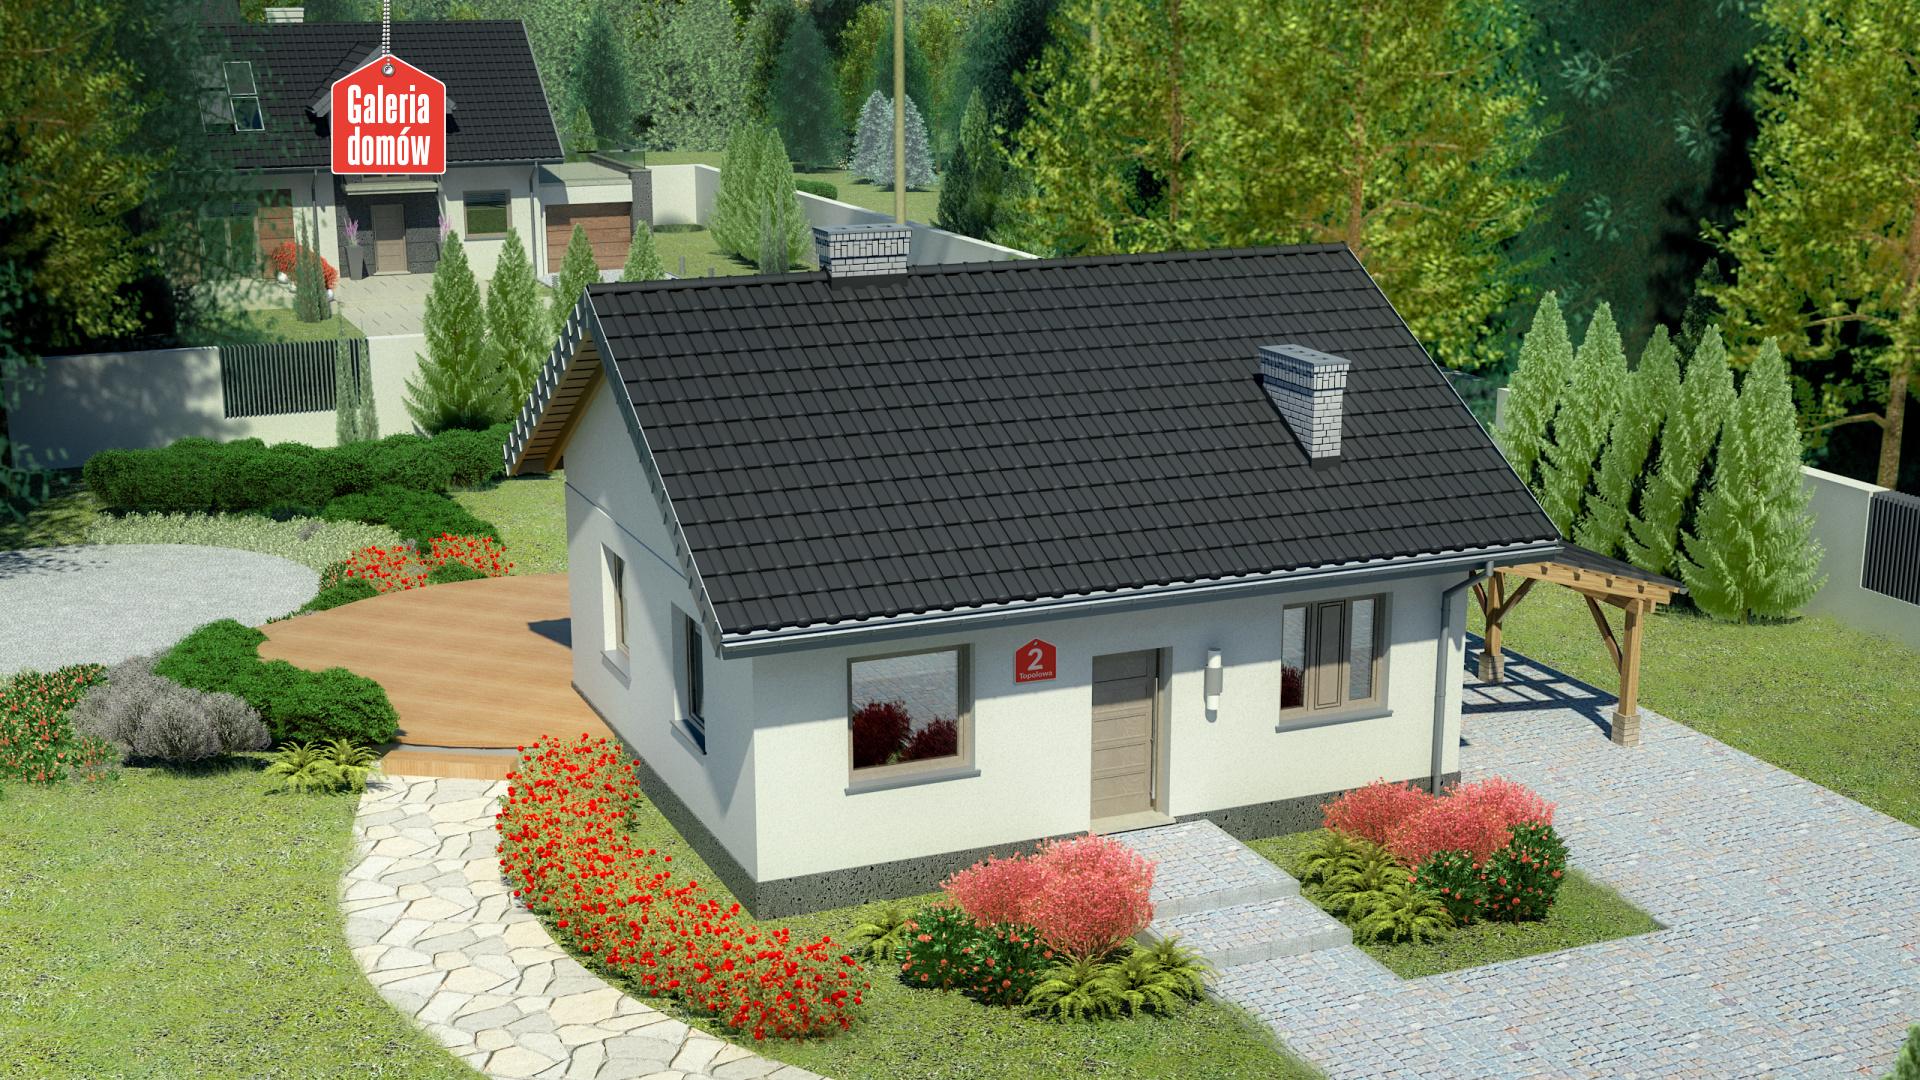 Dom przy Topolowej 2 - zdjęcie projektu i wizualizacja